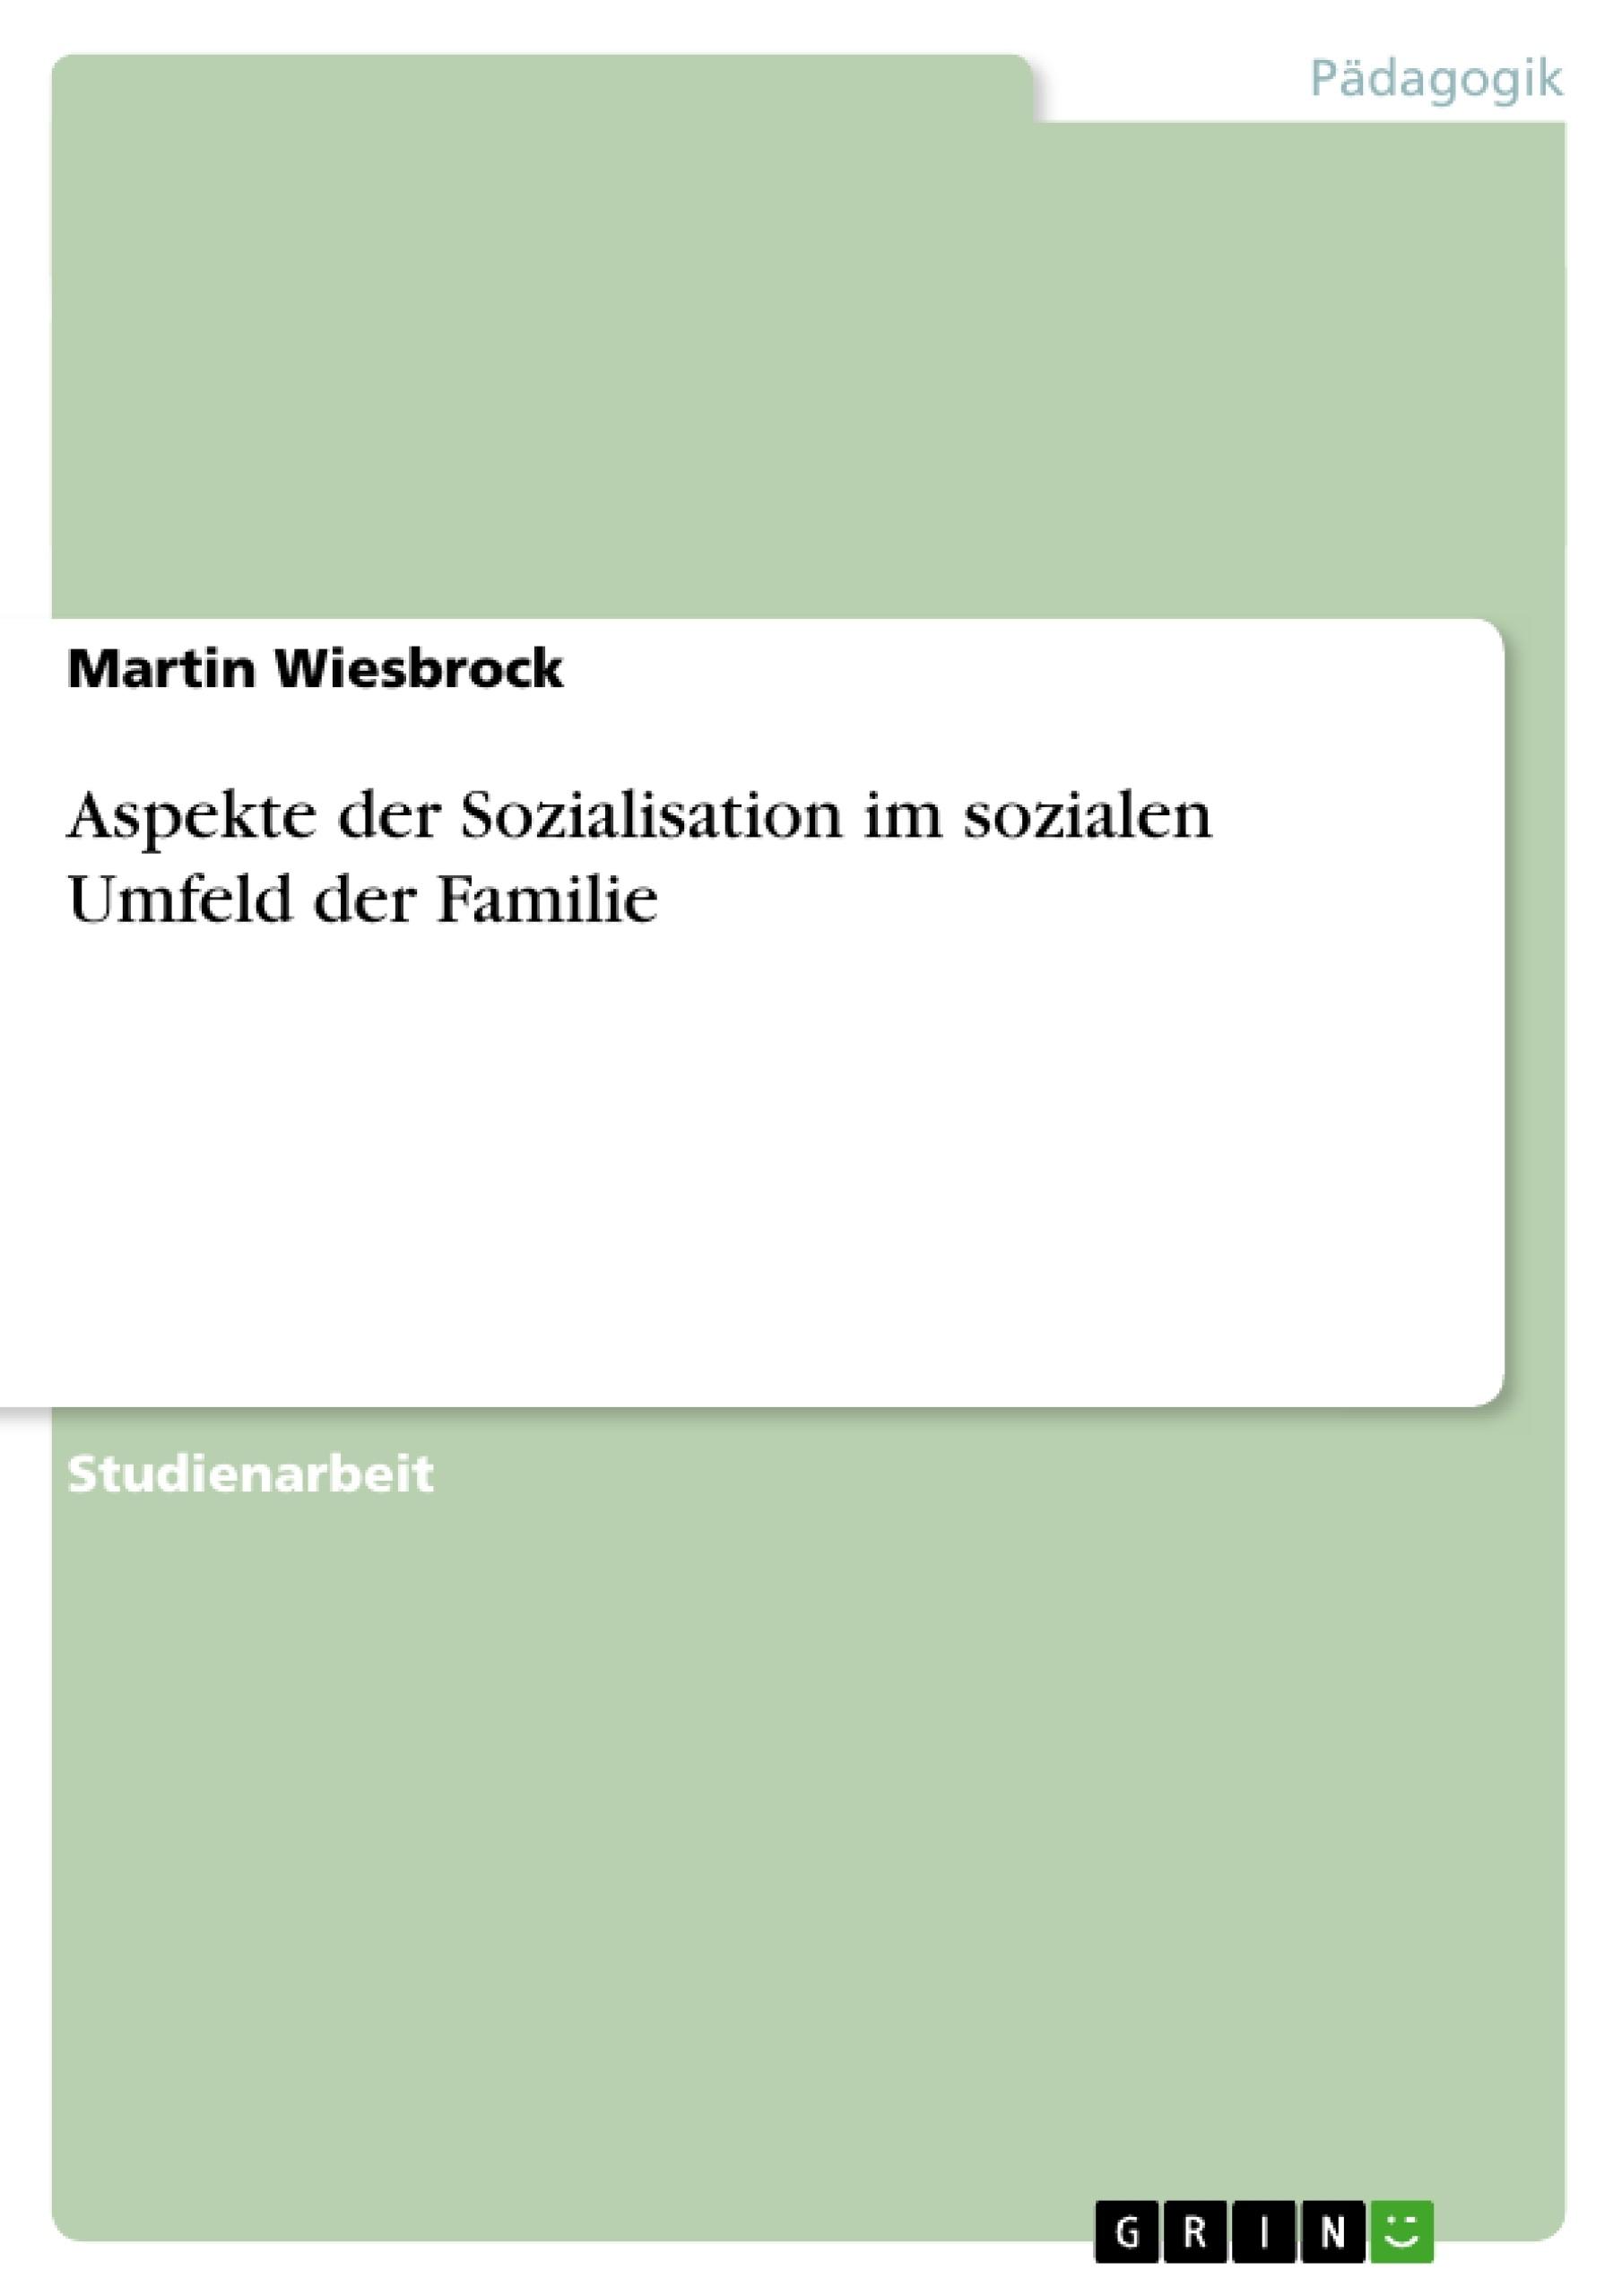 Titel: Aspekte der Sozialisation im sozialen Umfeld der Familie